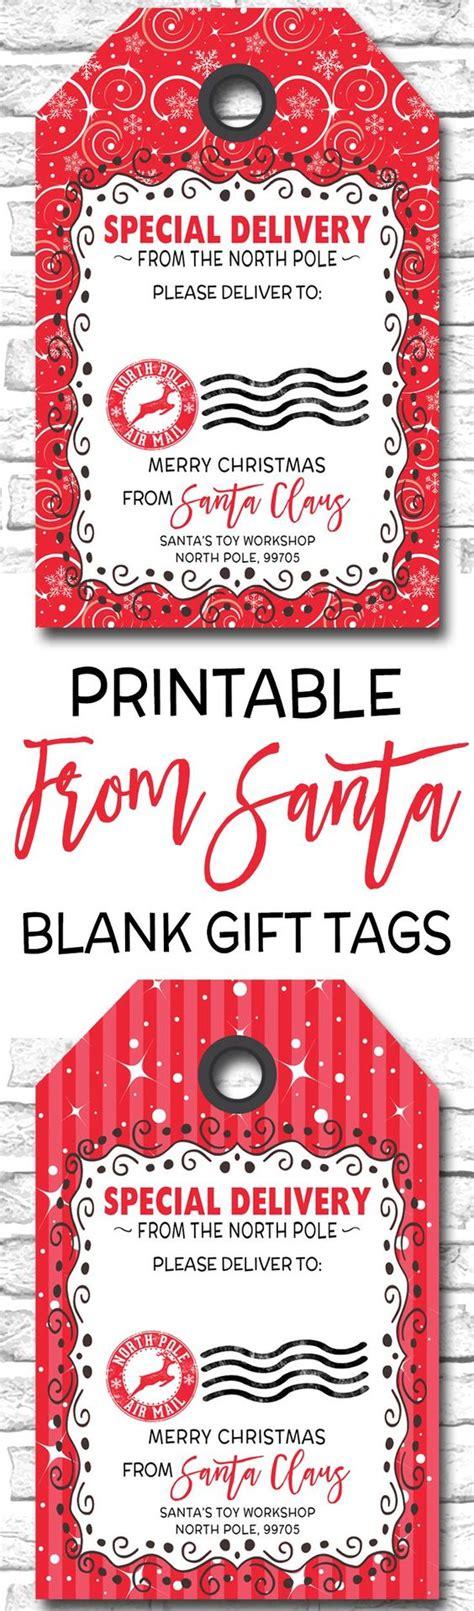 printable christmas tags from santa printable christmas gift tags blank from santa gift tags